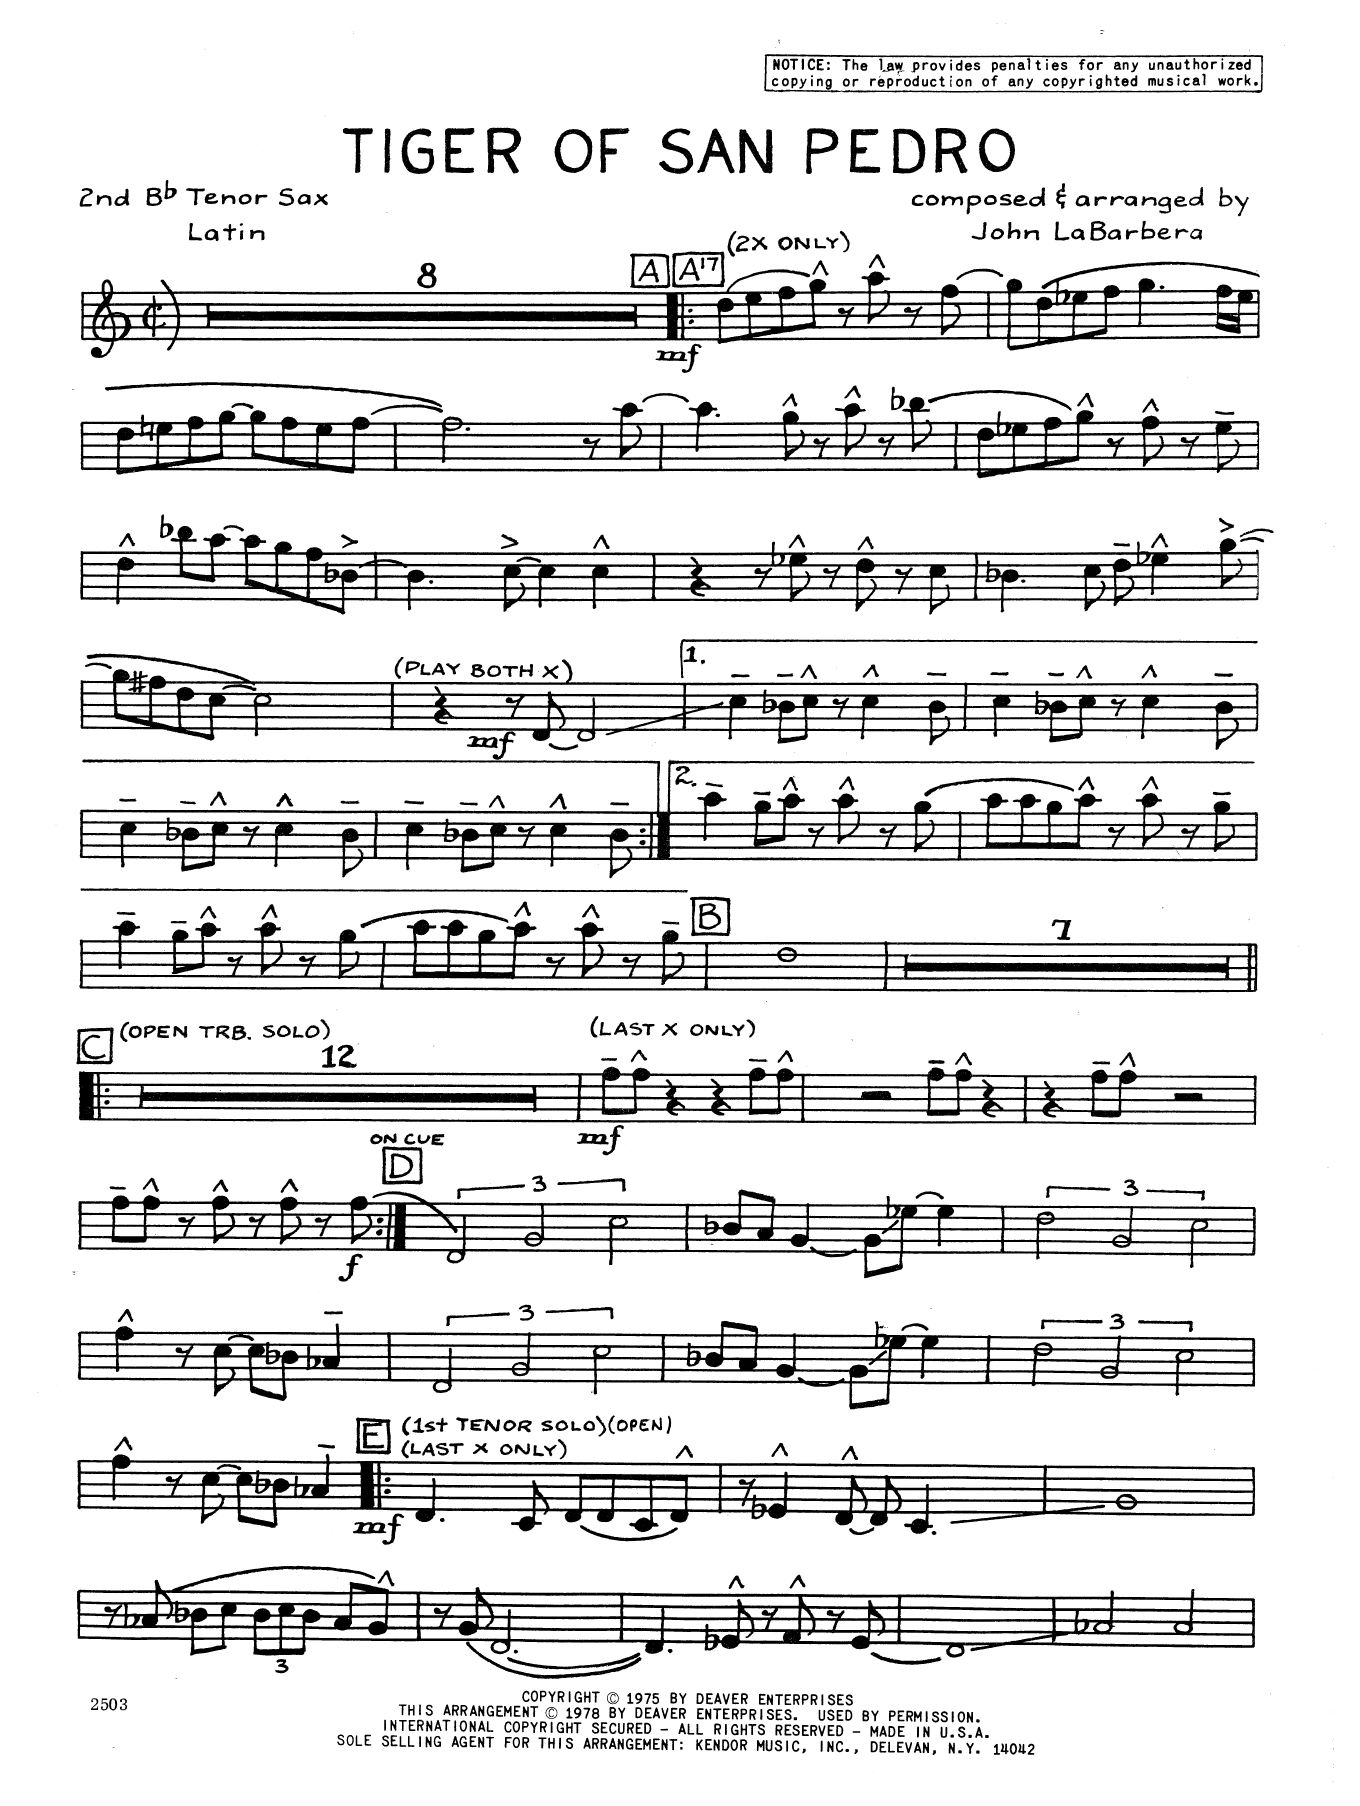 Tiger Of San Pedro - 2nd Bb Tenor Saxophone Sheet Music